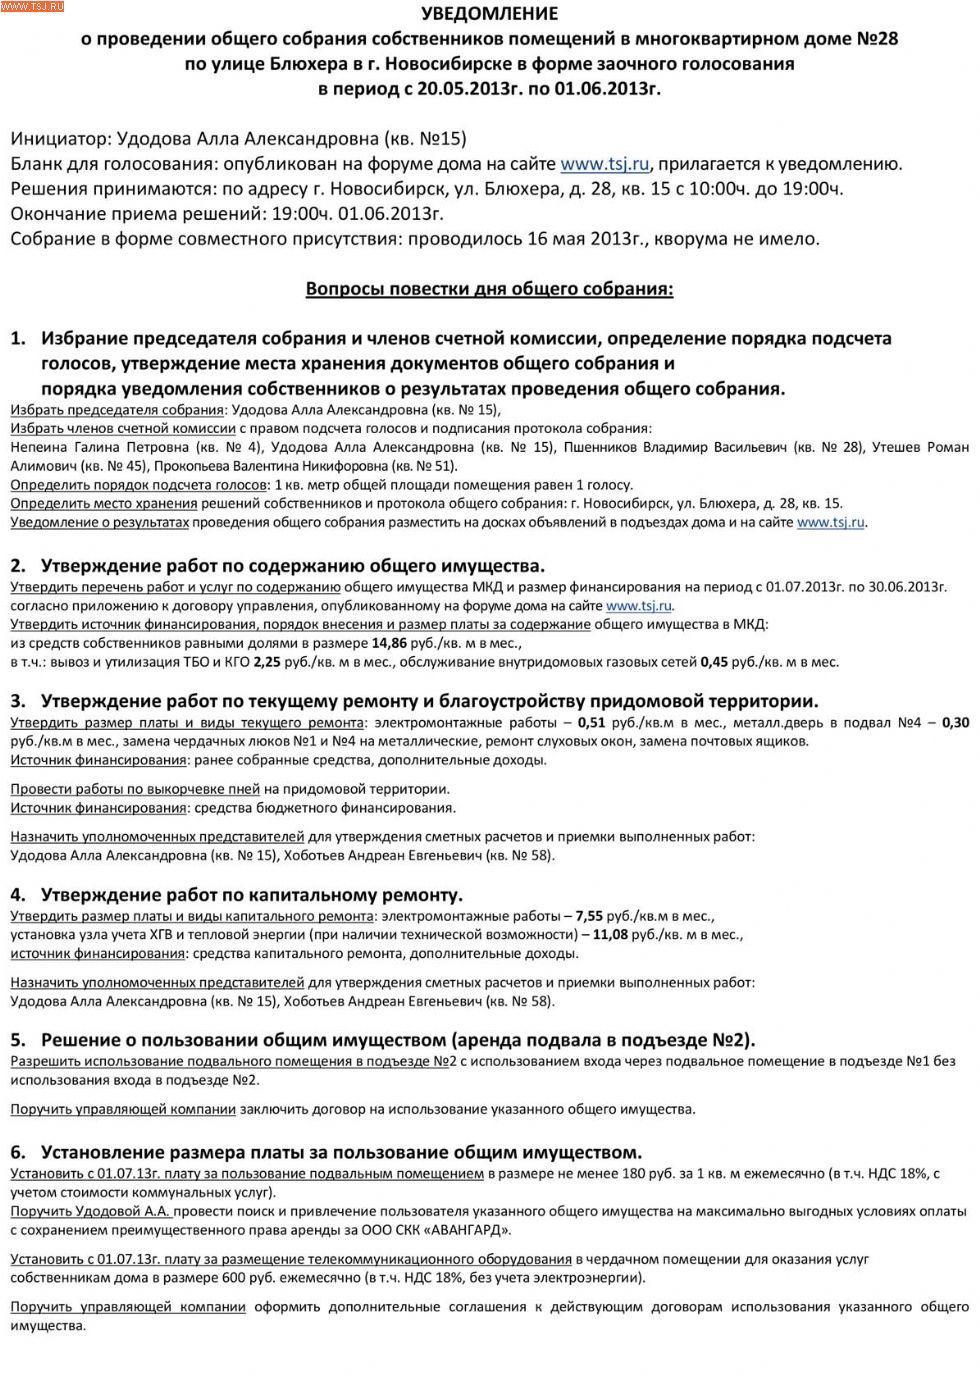 http://www.tsj.ru/imgrubrs.asp?art_id=48649